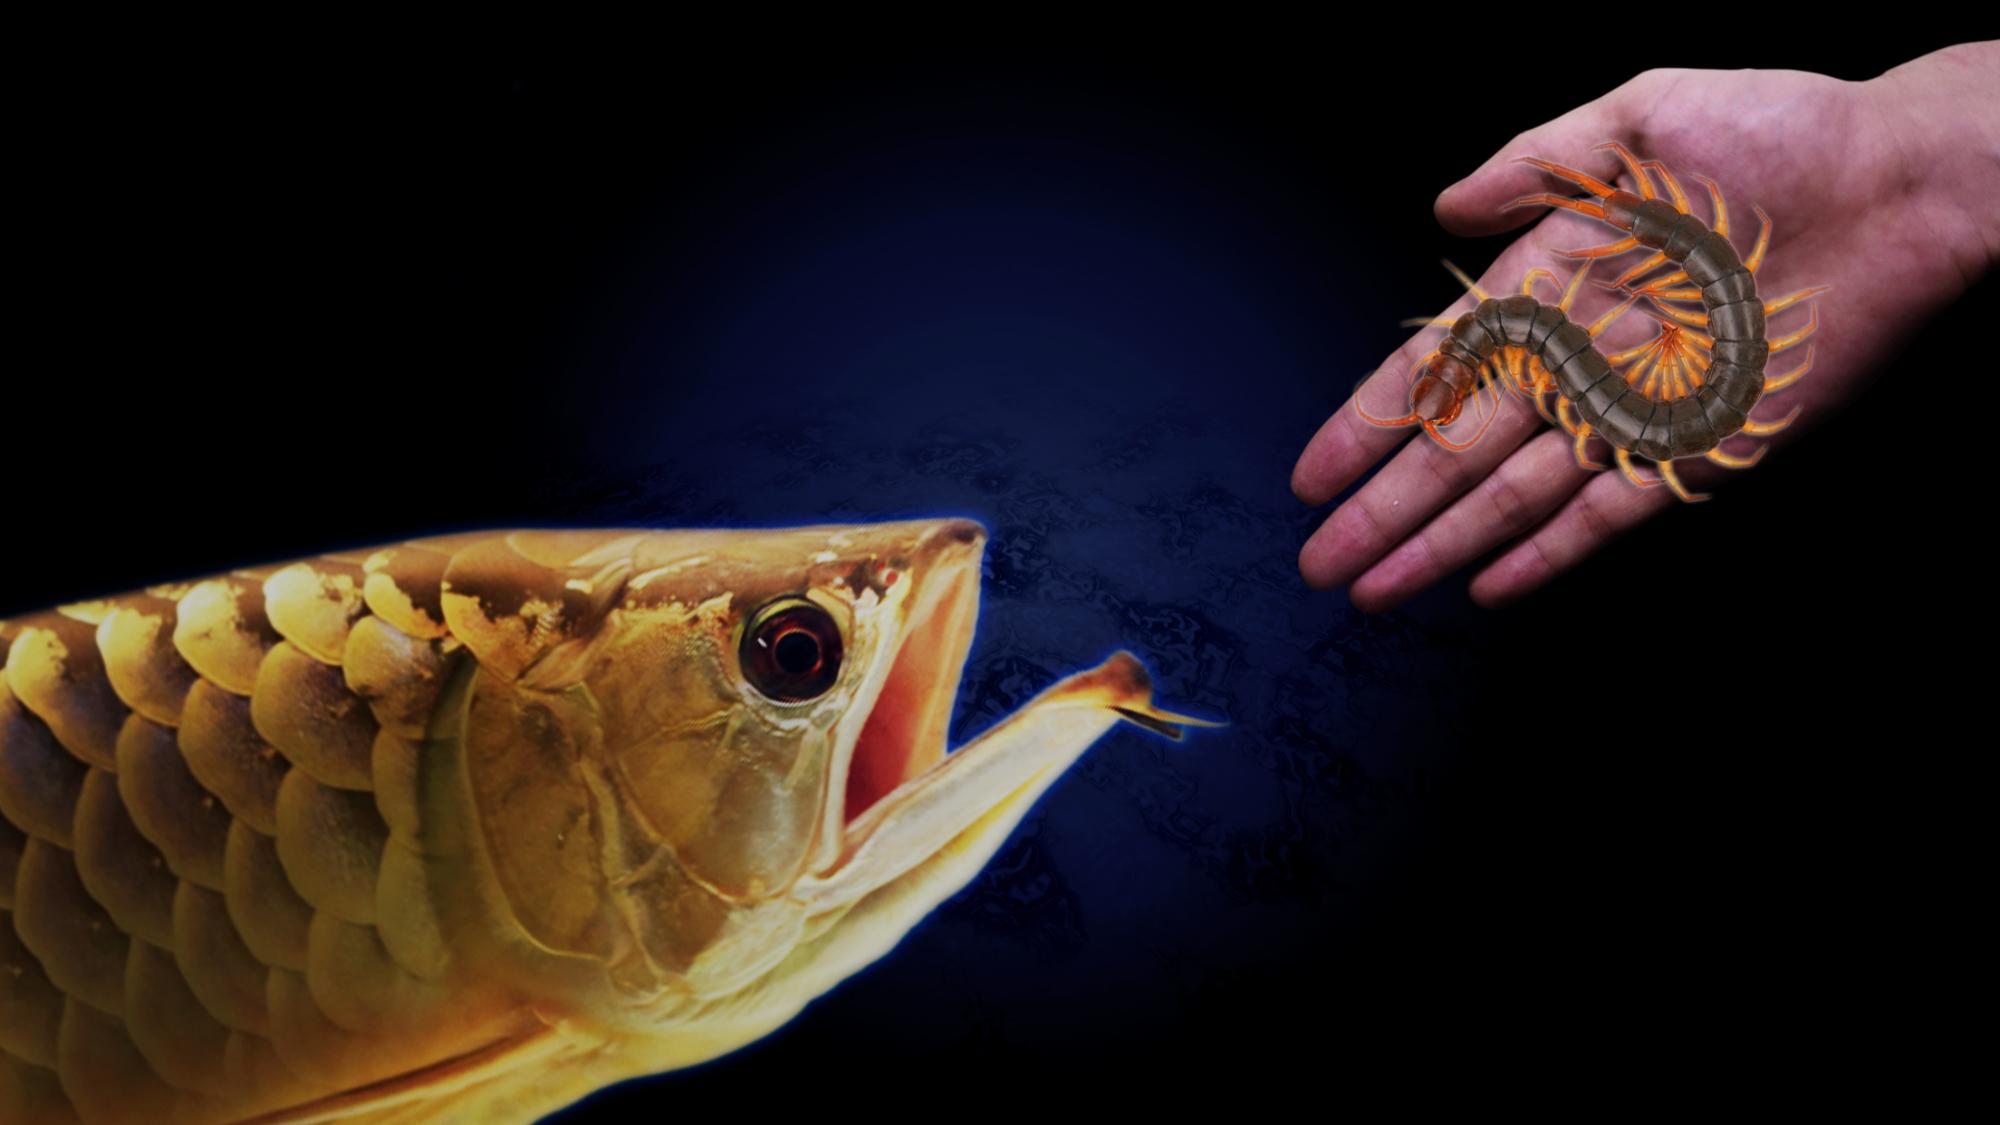 巨大的活蜈蚣,喂给性情残暴的龙鱼